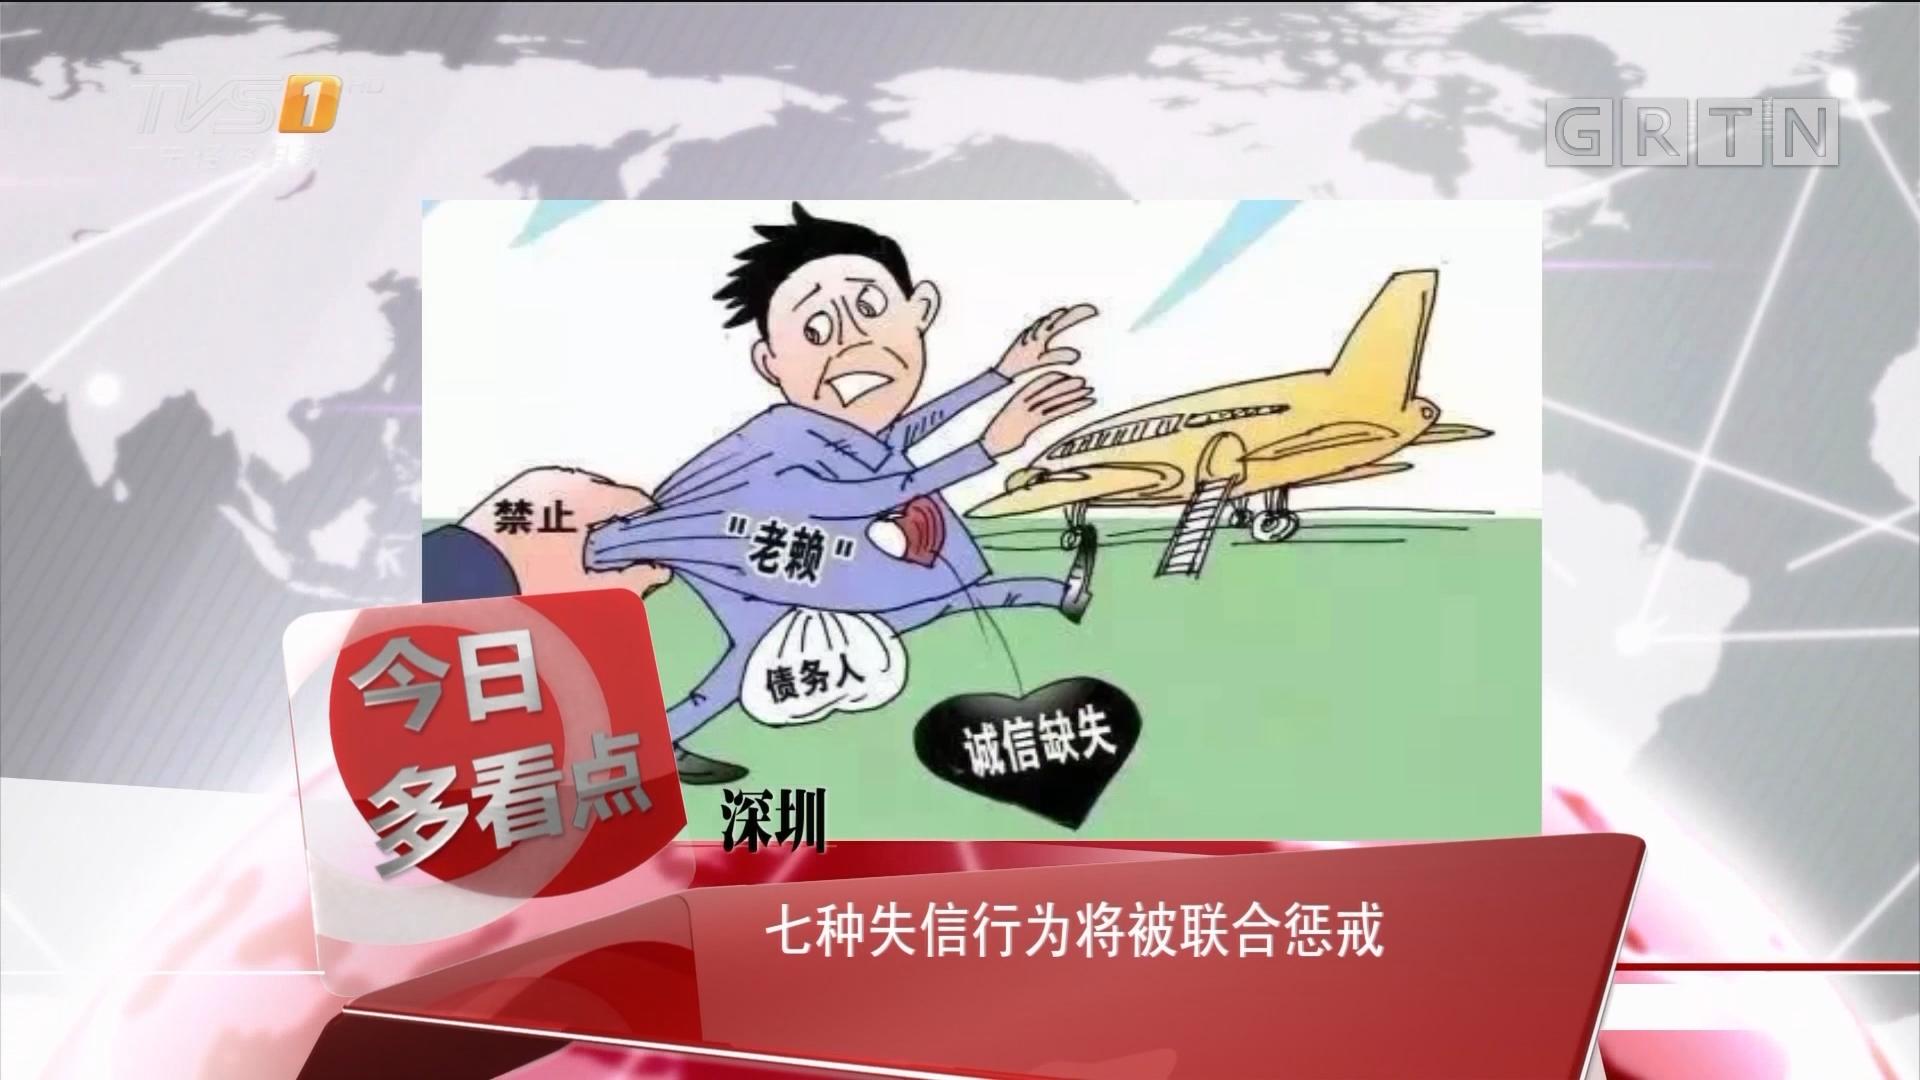 深圳:七种失信行为将被联合惩戒